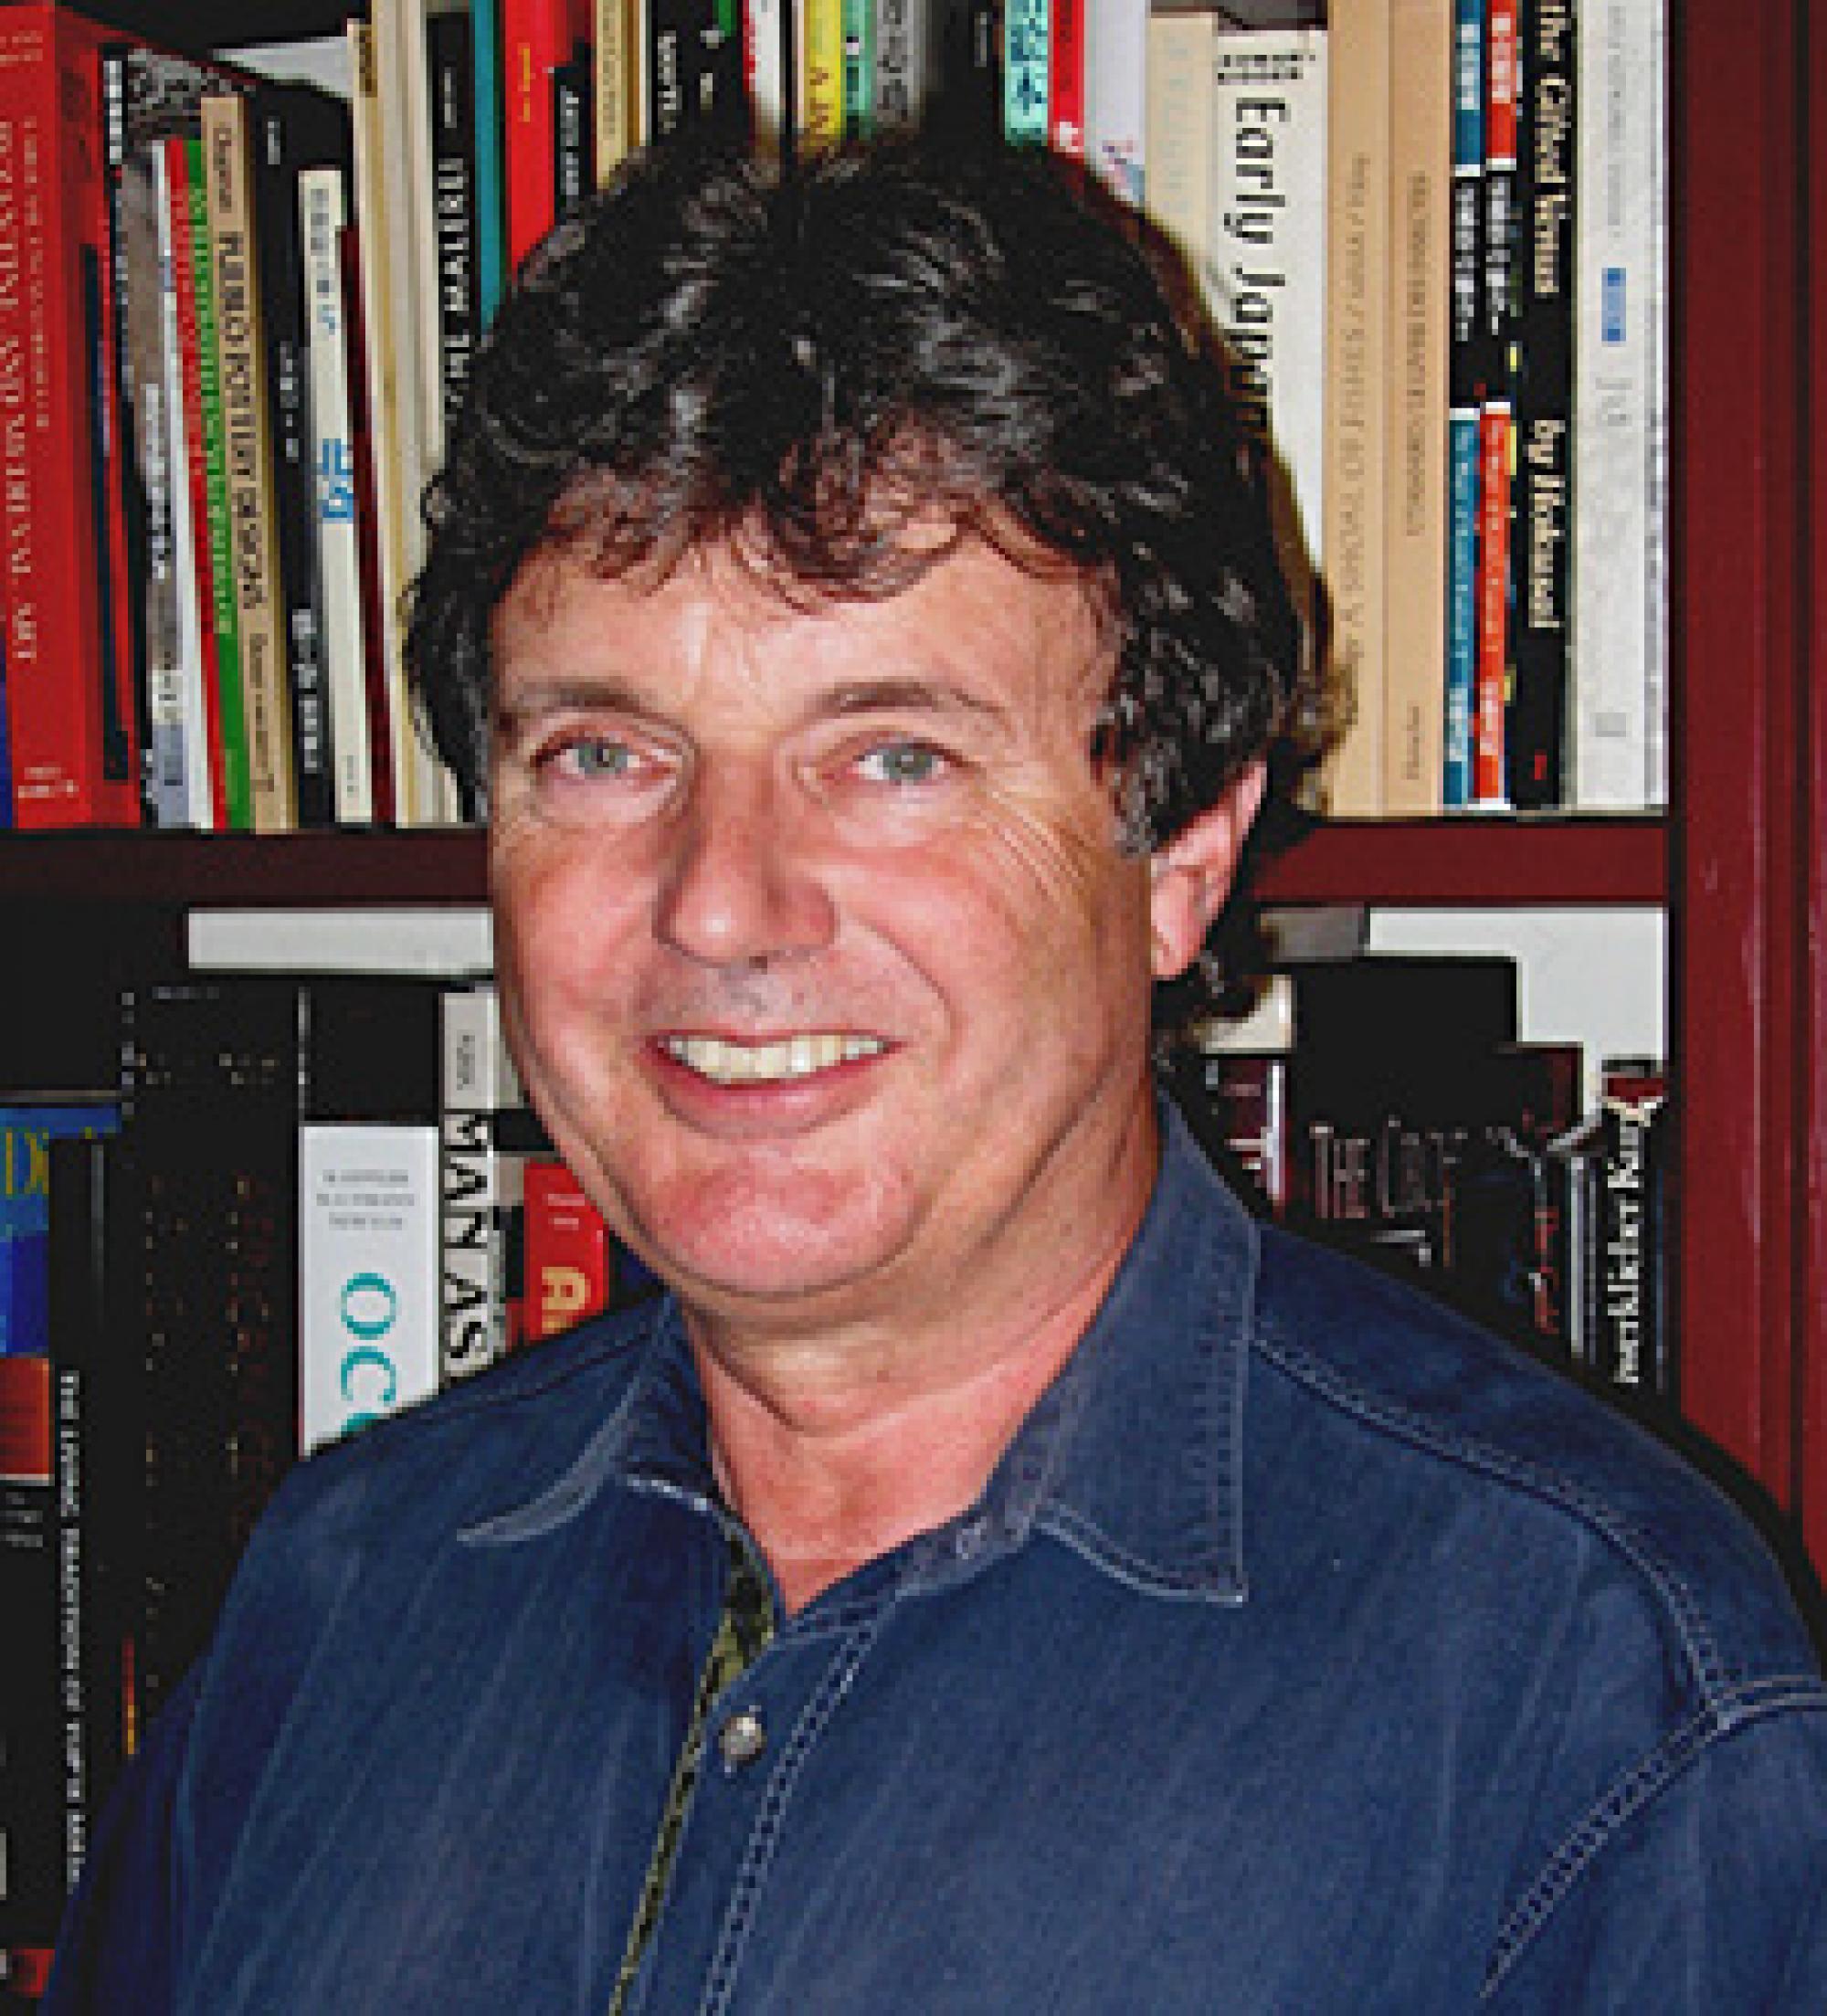 Nicholas Strausfeld, 2002 Fellow of the Royal Society